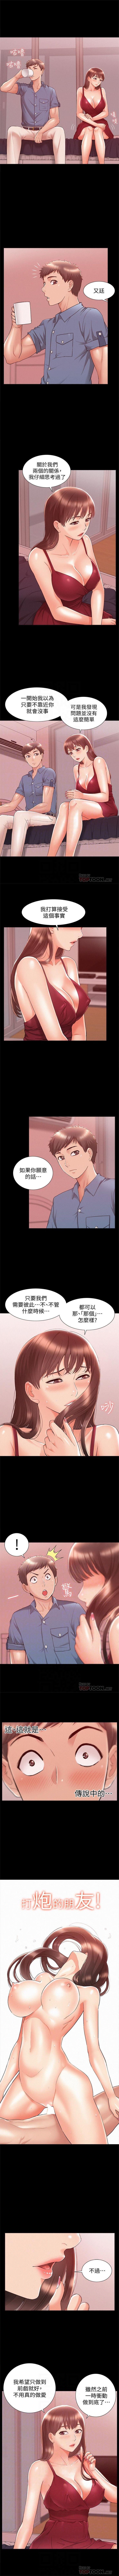 (週4)難言之隱 1-24 中文翻譯(更新中) 134